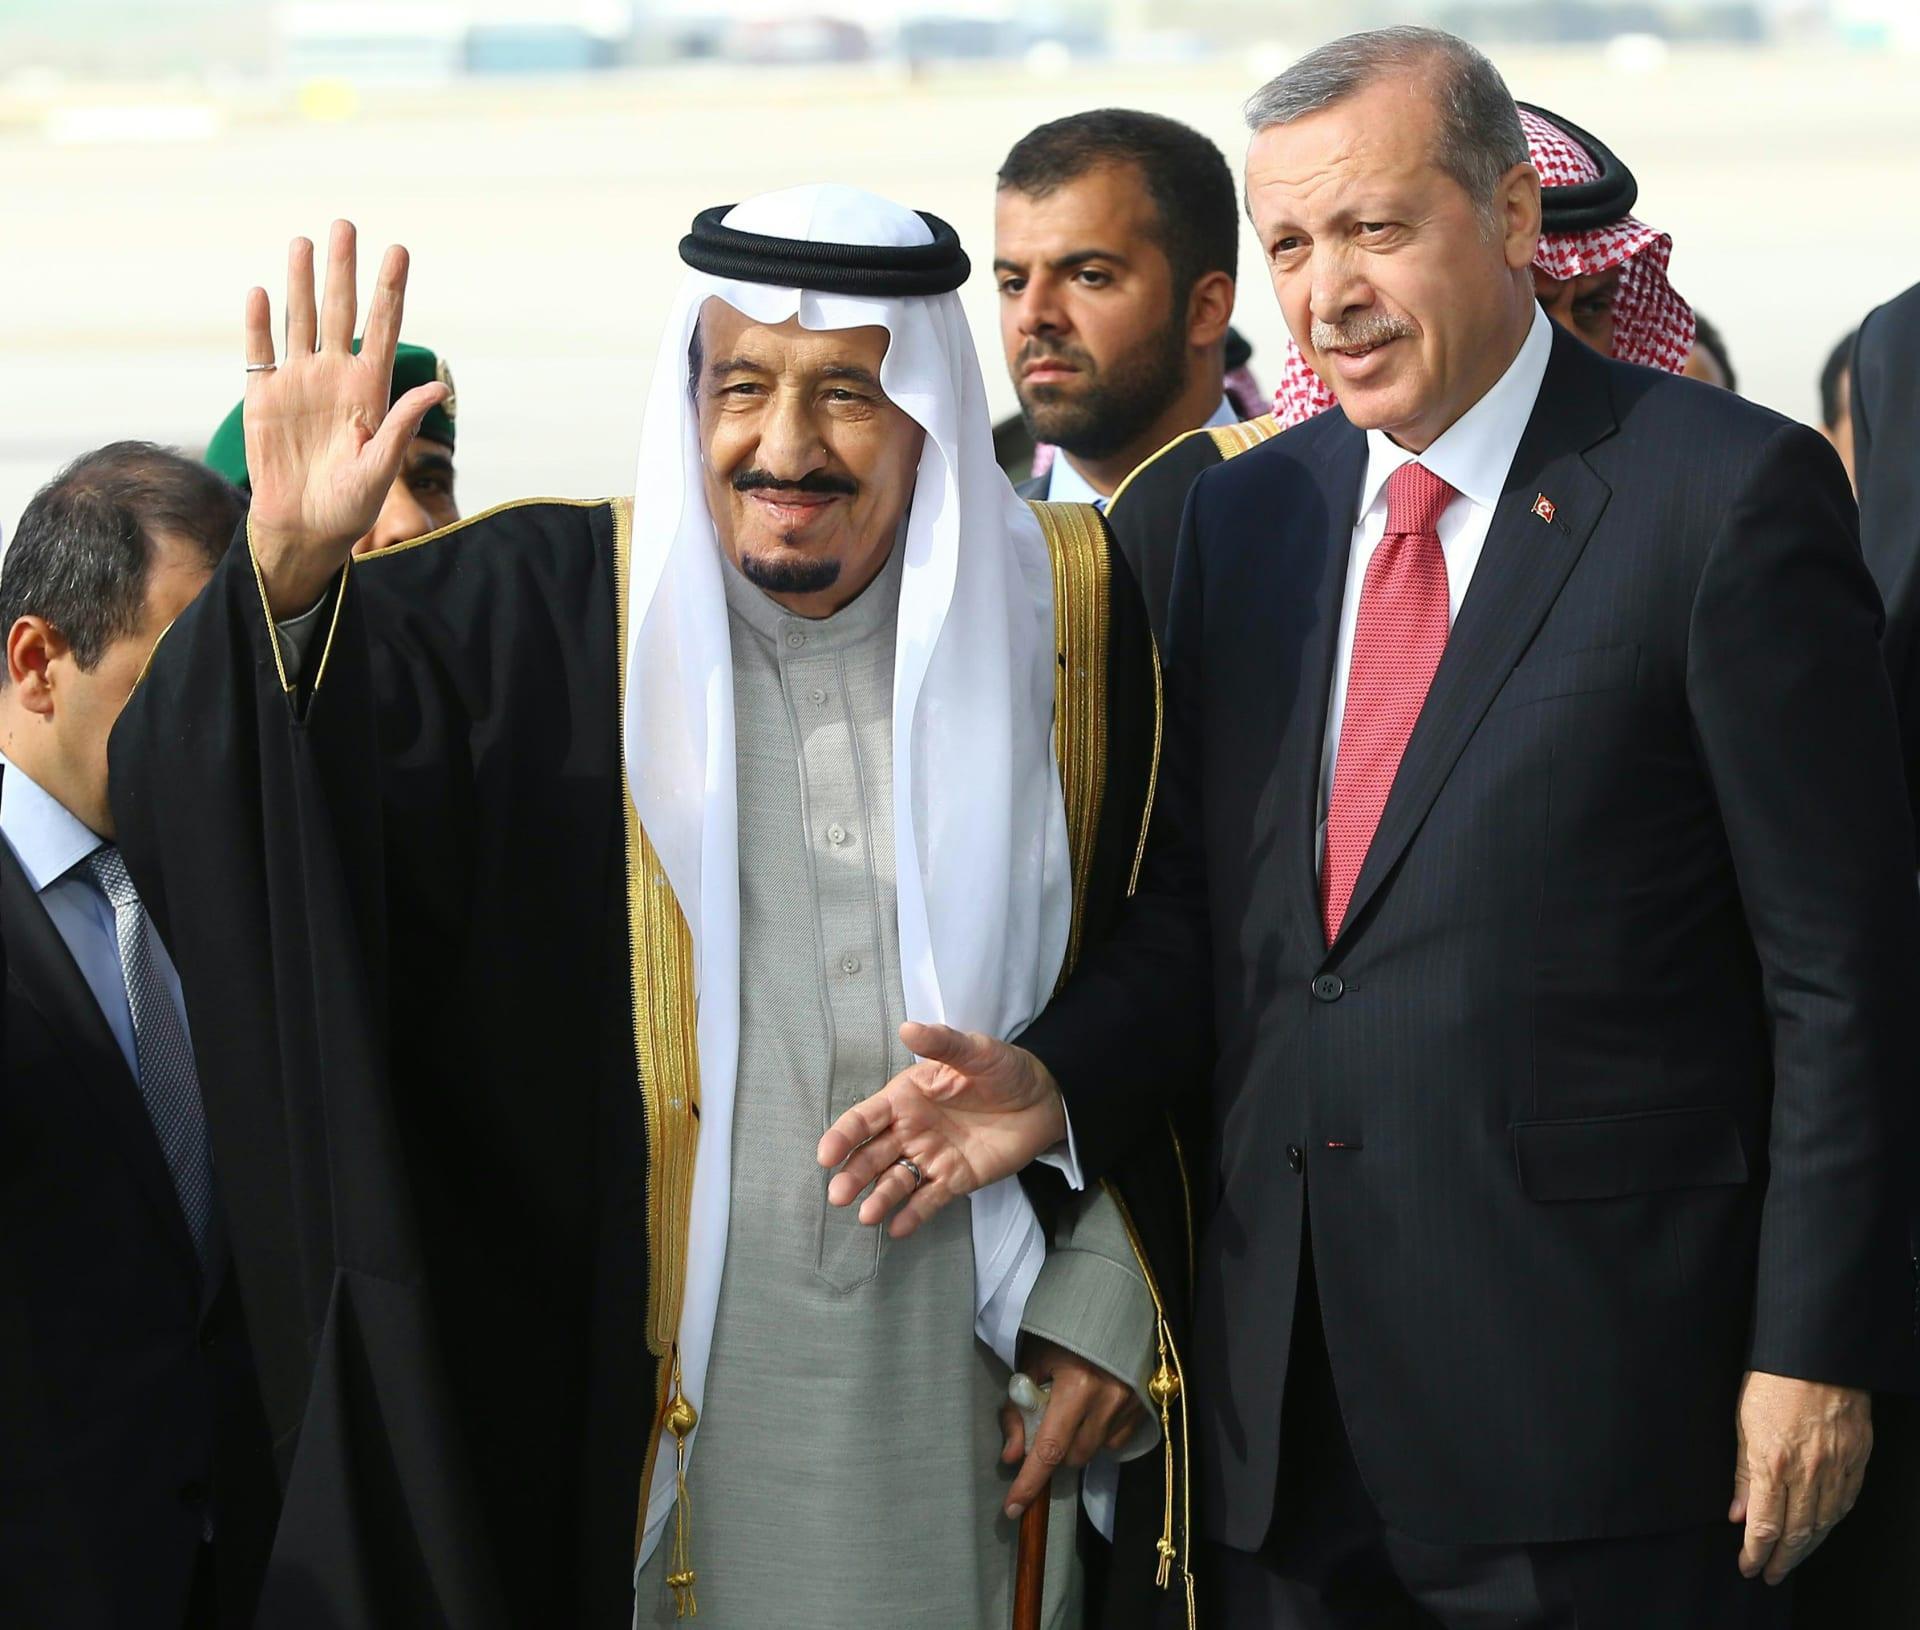 أردوغان يمنح العاهل السعودي وسام الجمهورية التركية: سياسة الملك سلمان صمام الأمان للمنطقة